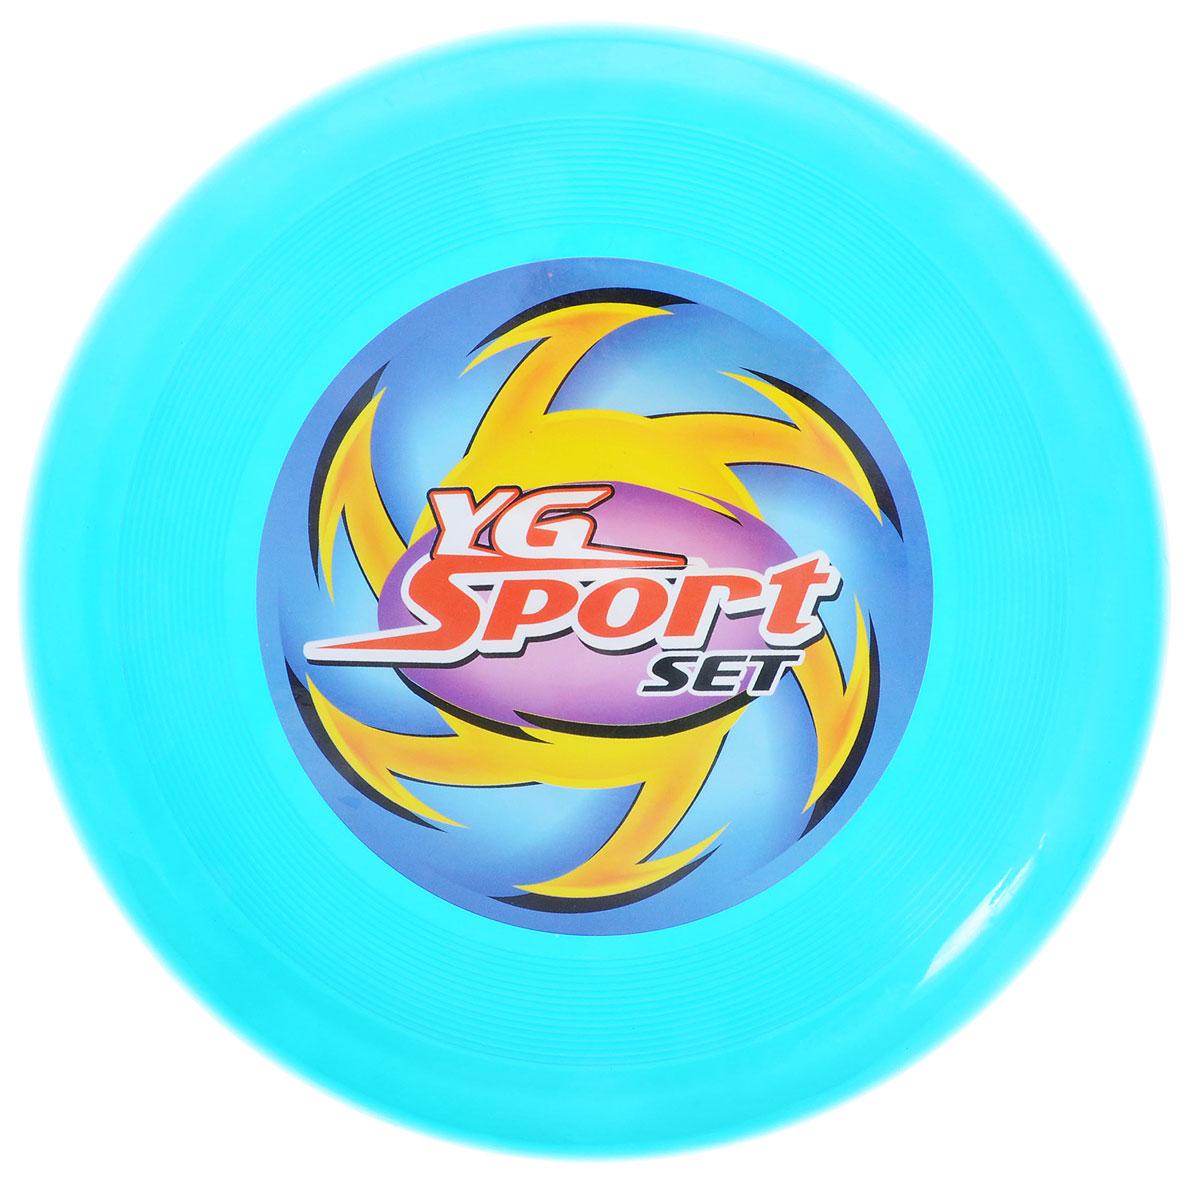 YG Sport Летающий диск цвет голубой